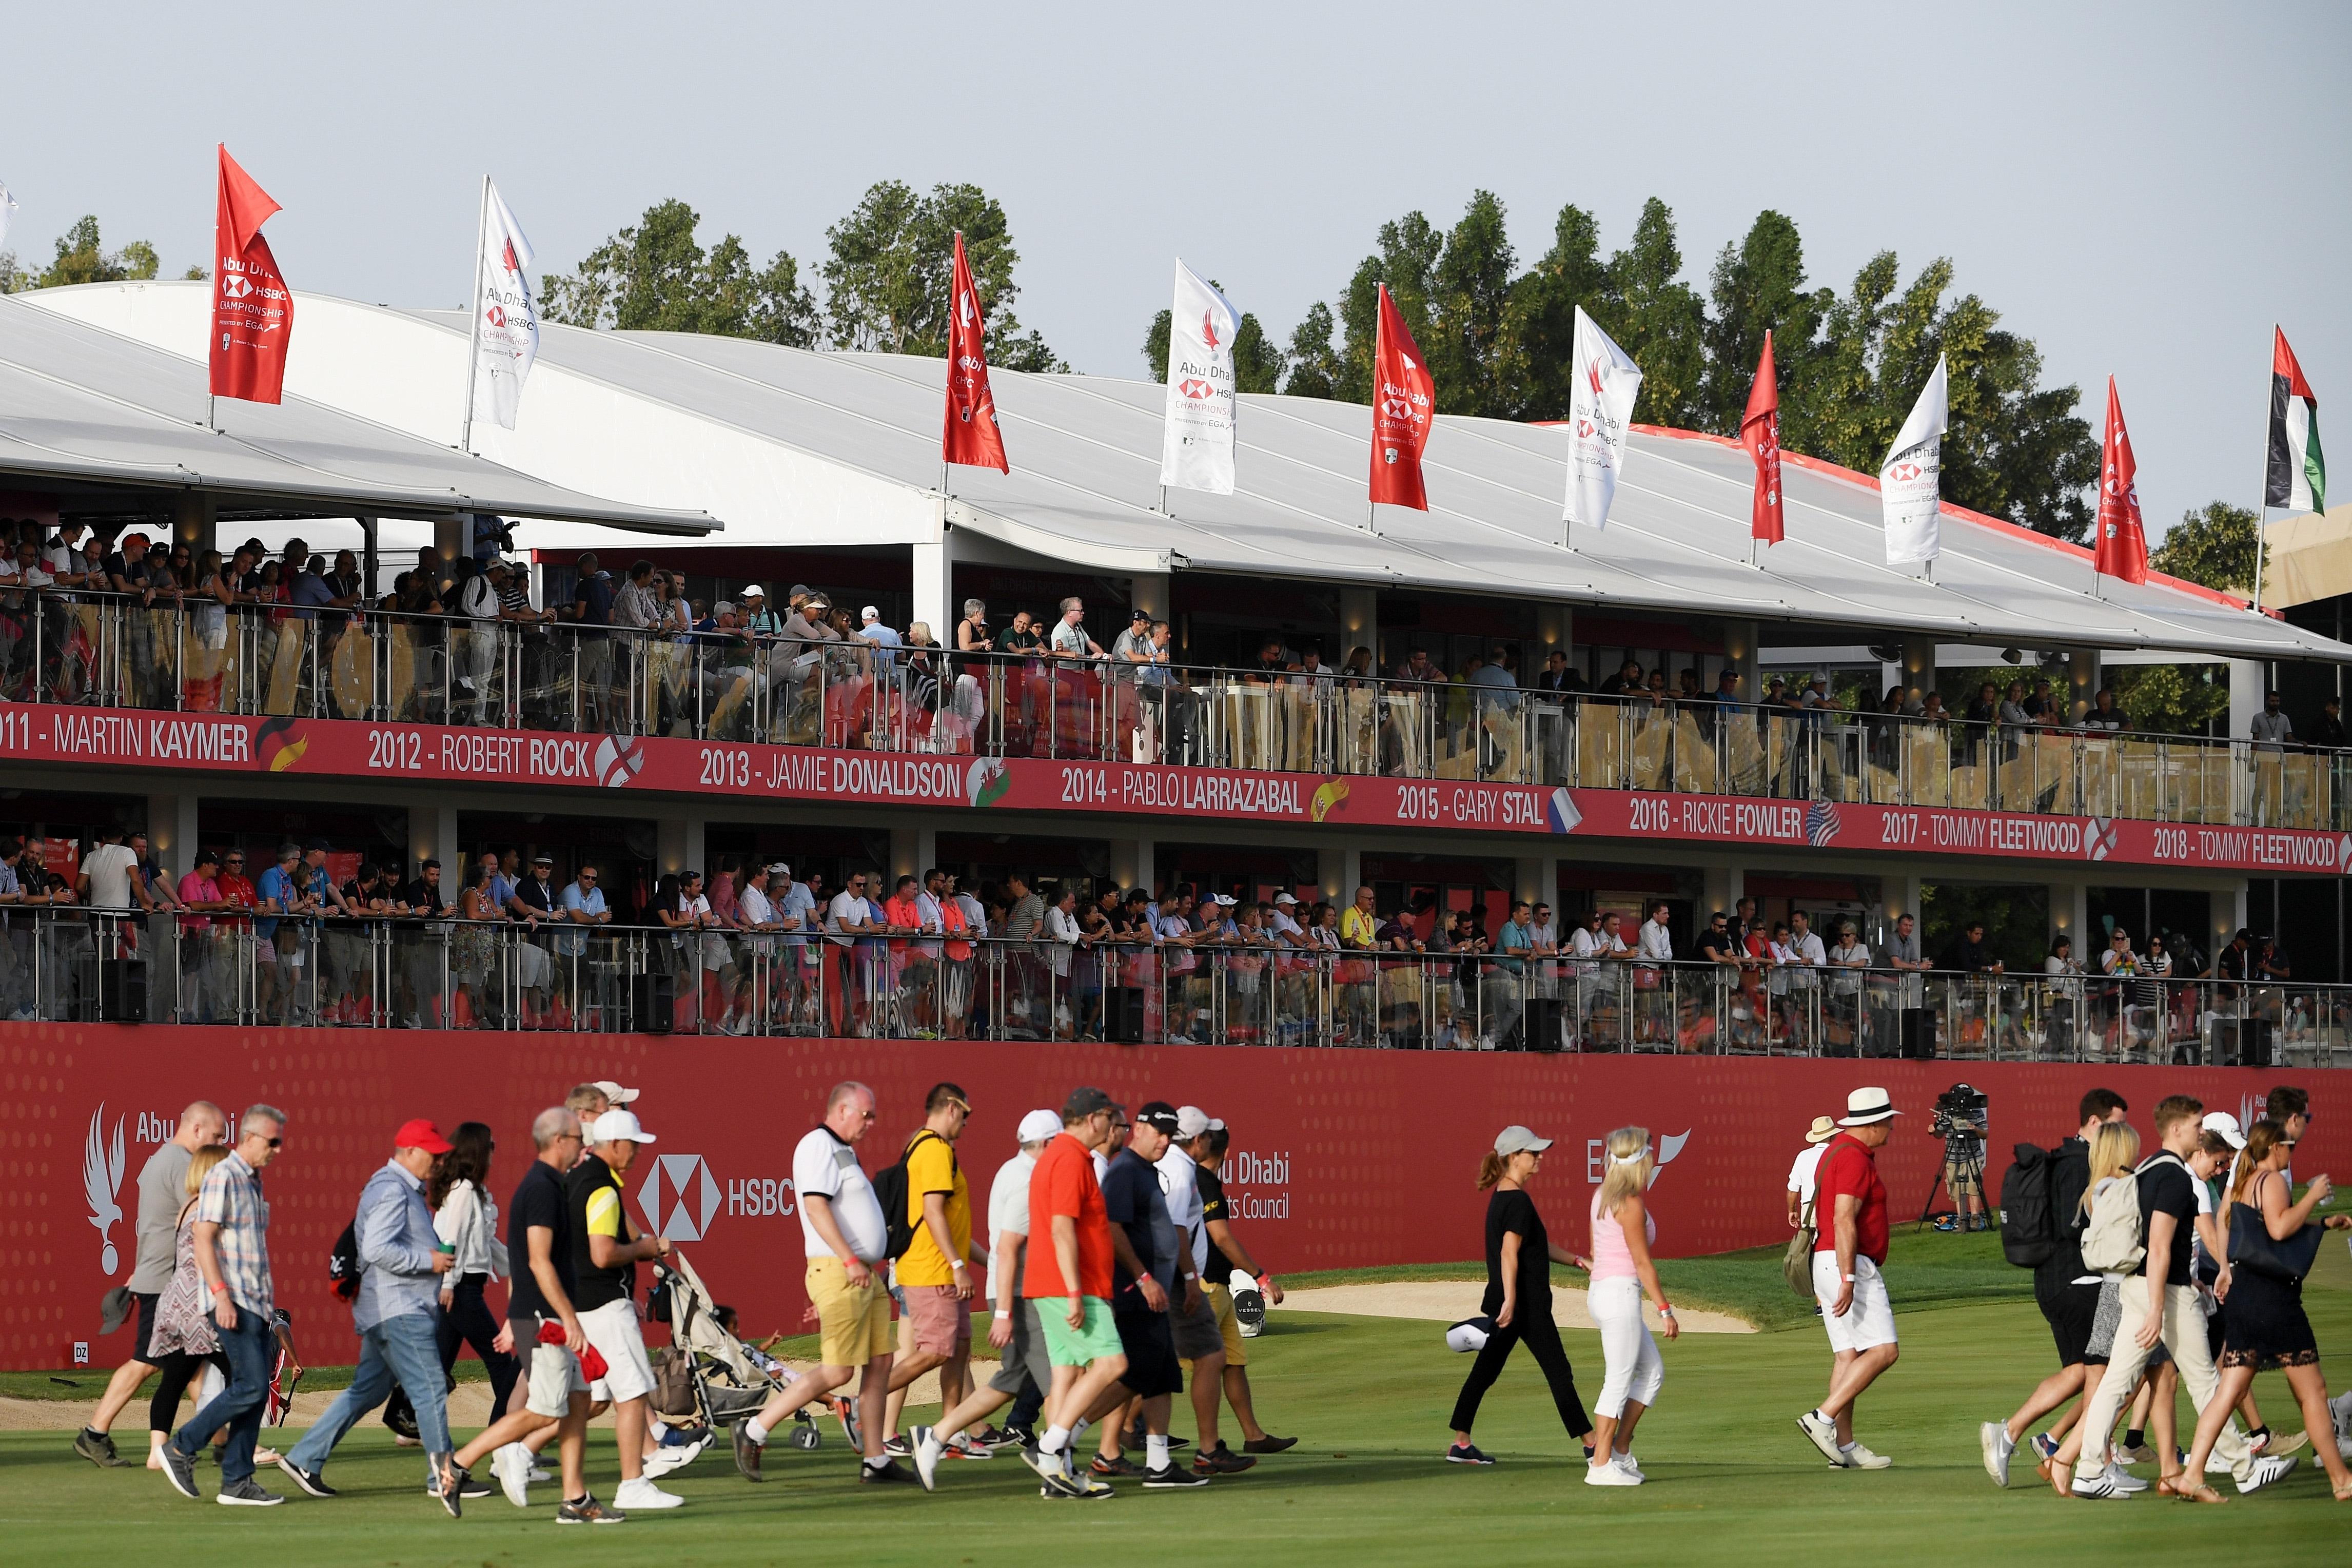 Fans walk down 18th hole at Abu Dhabi Golf Club